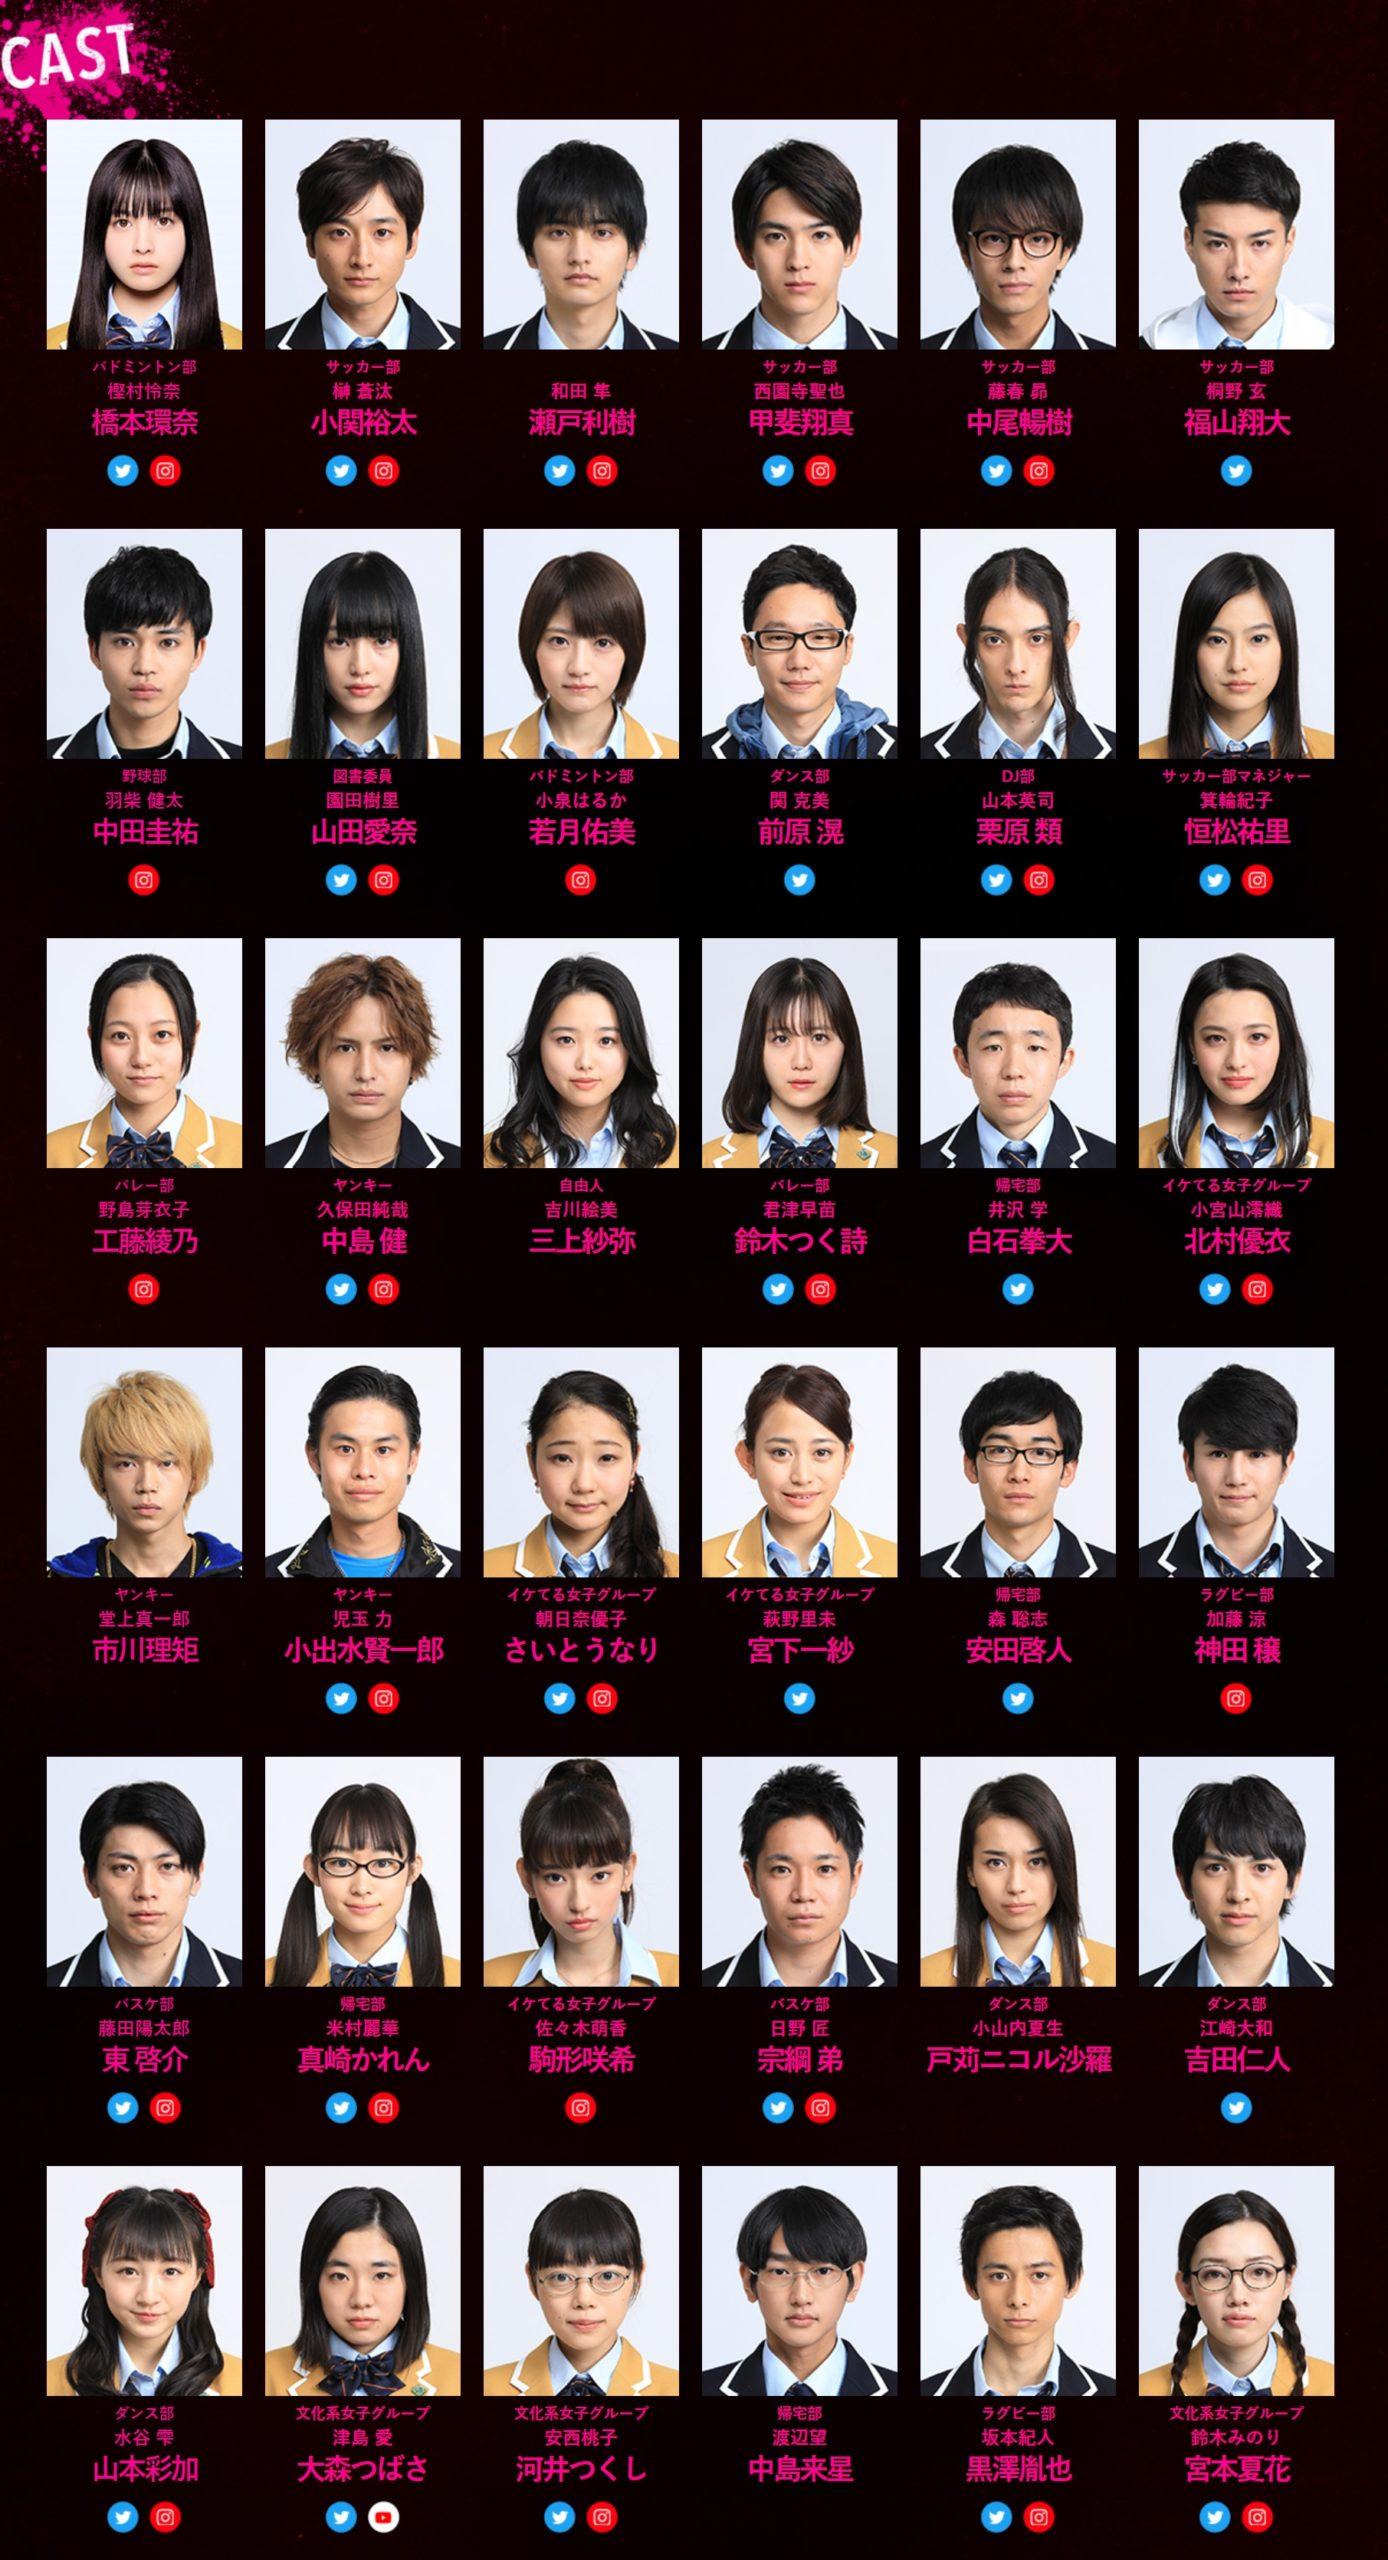 日本 キャスト シグナル シグナル(韓国ドラマ)韓国と日本のあらすじの違いはある?キャストと感想は?